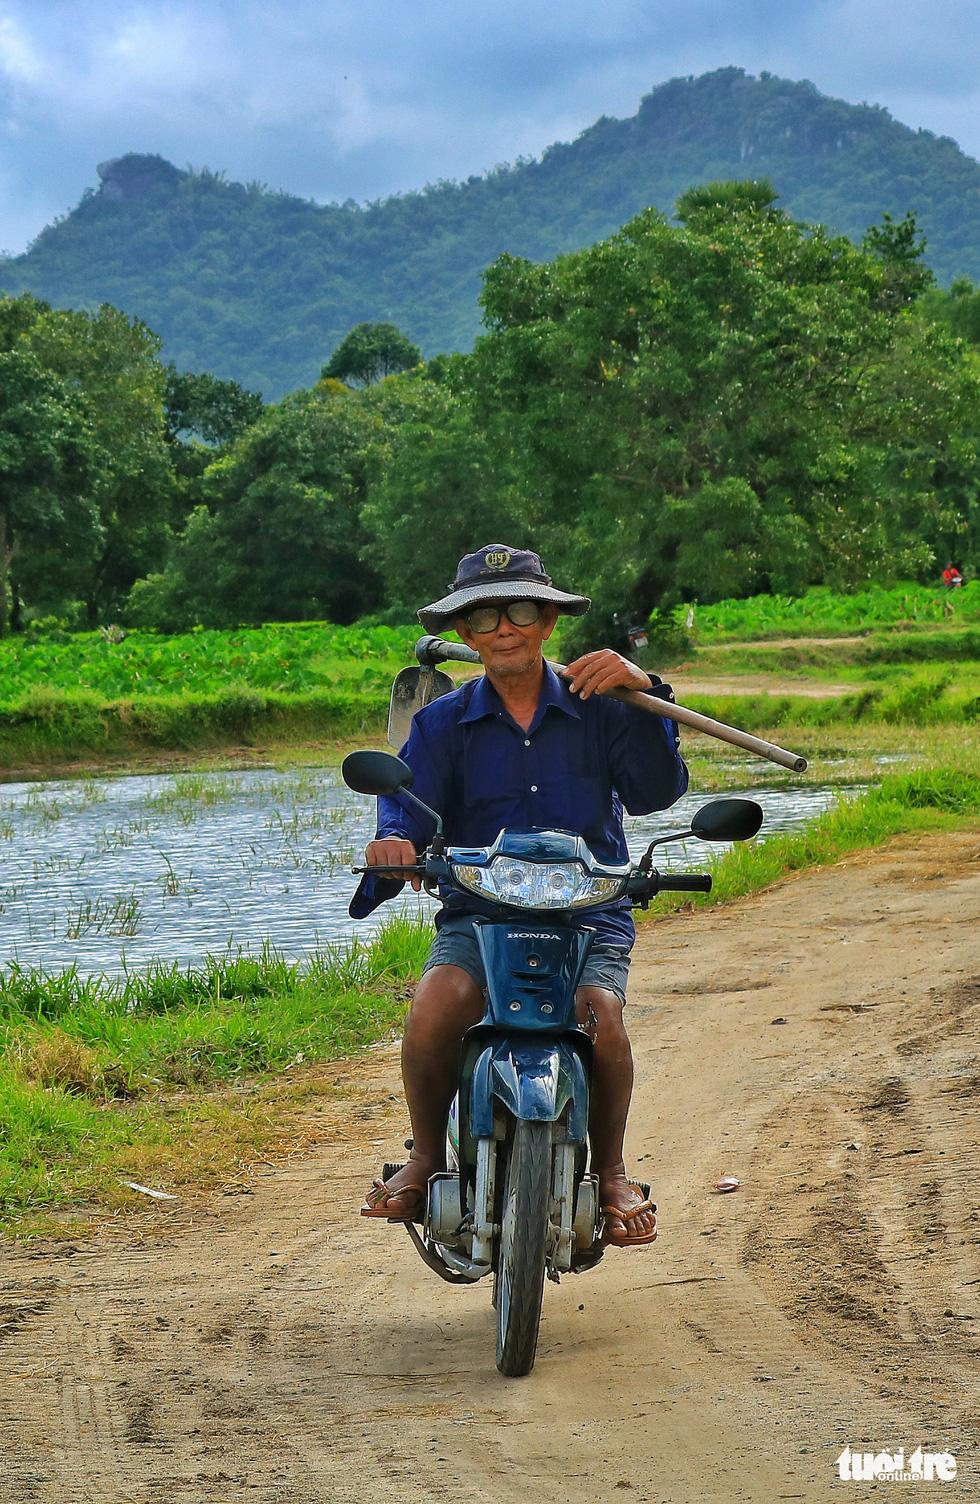 Bình dị mà rạng rỡ trên cánh đồng lúa Tà Pạ ở Tri Tôn - Ảnh 5.